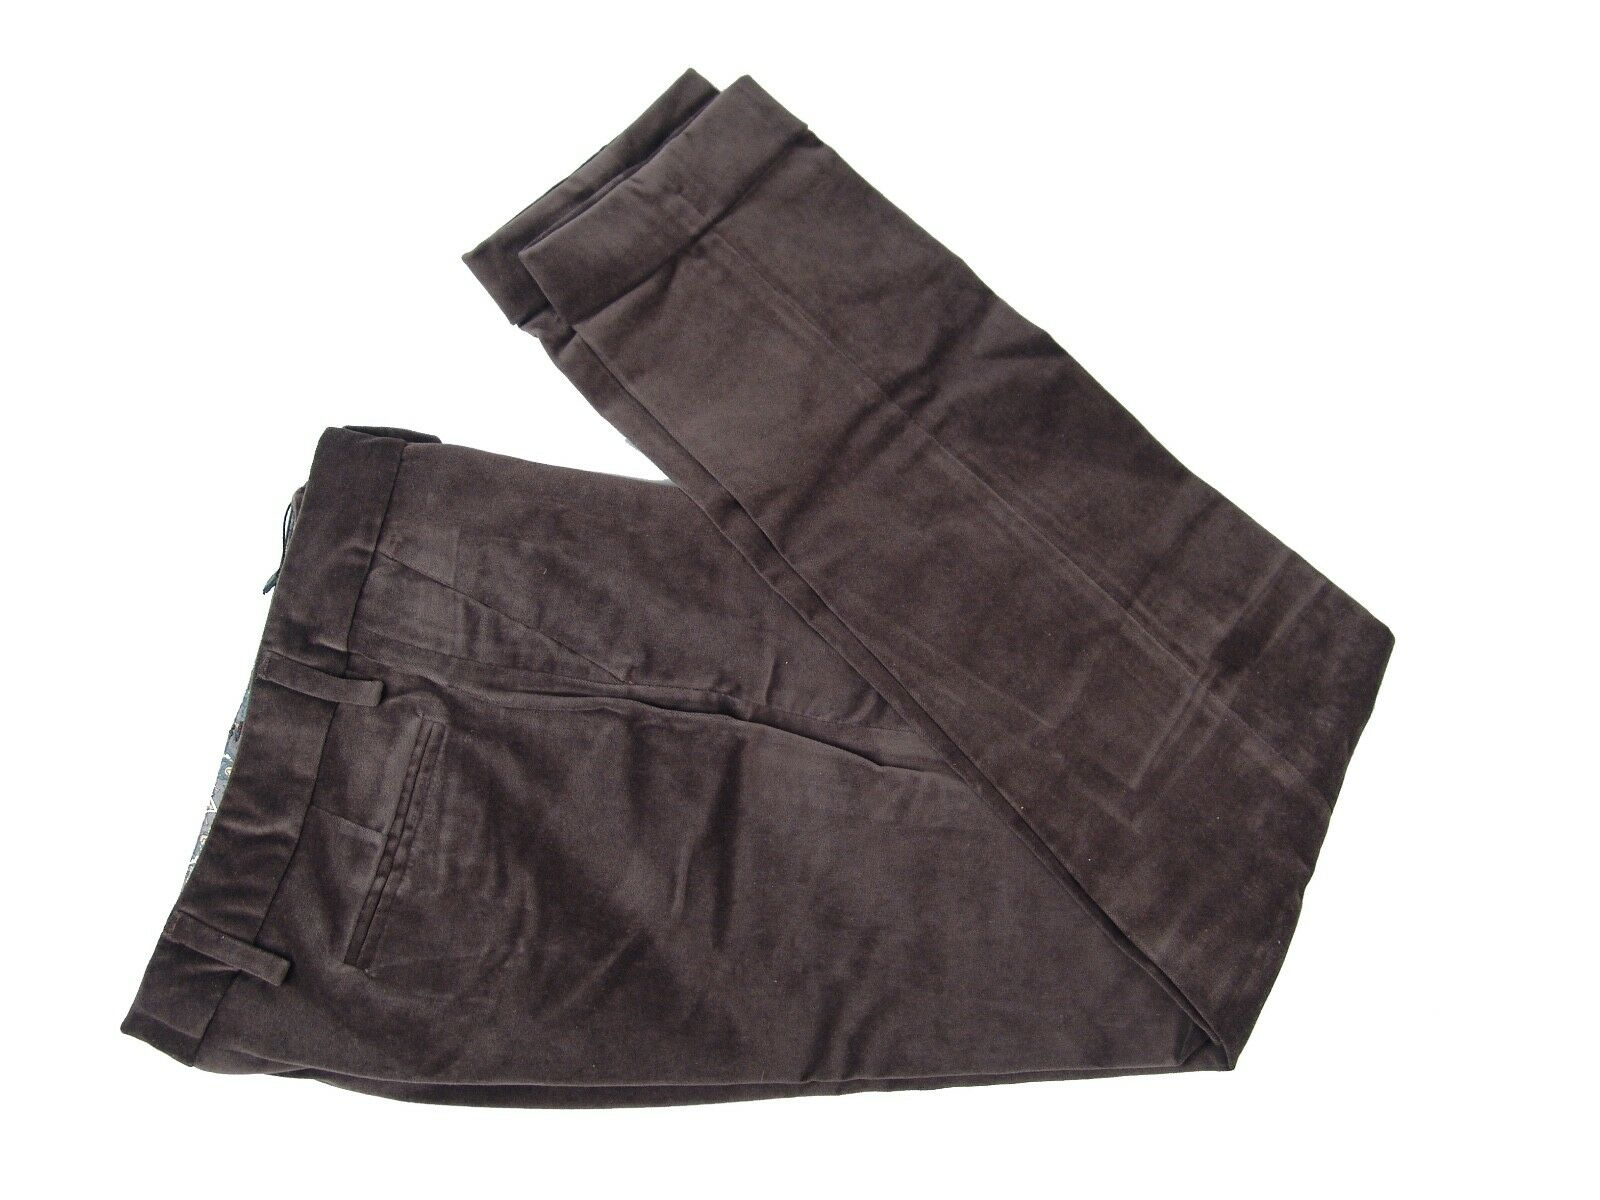 AUTHENTIC BELSTAFF GRAPHITE VELOUR ASHCOTT WOMEN'S PANTS